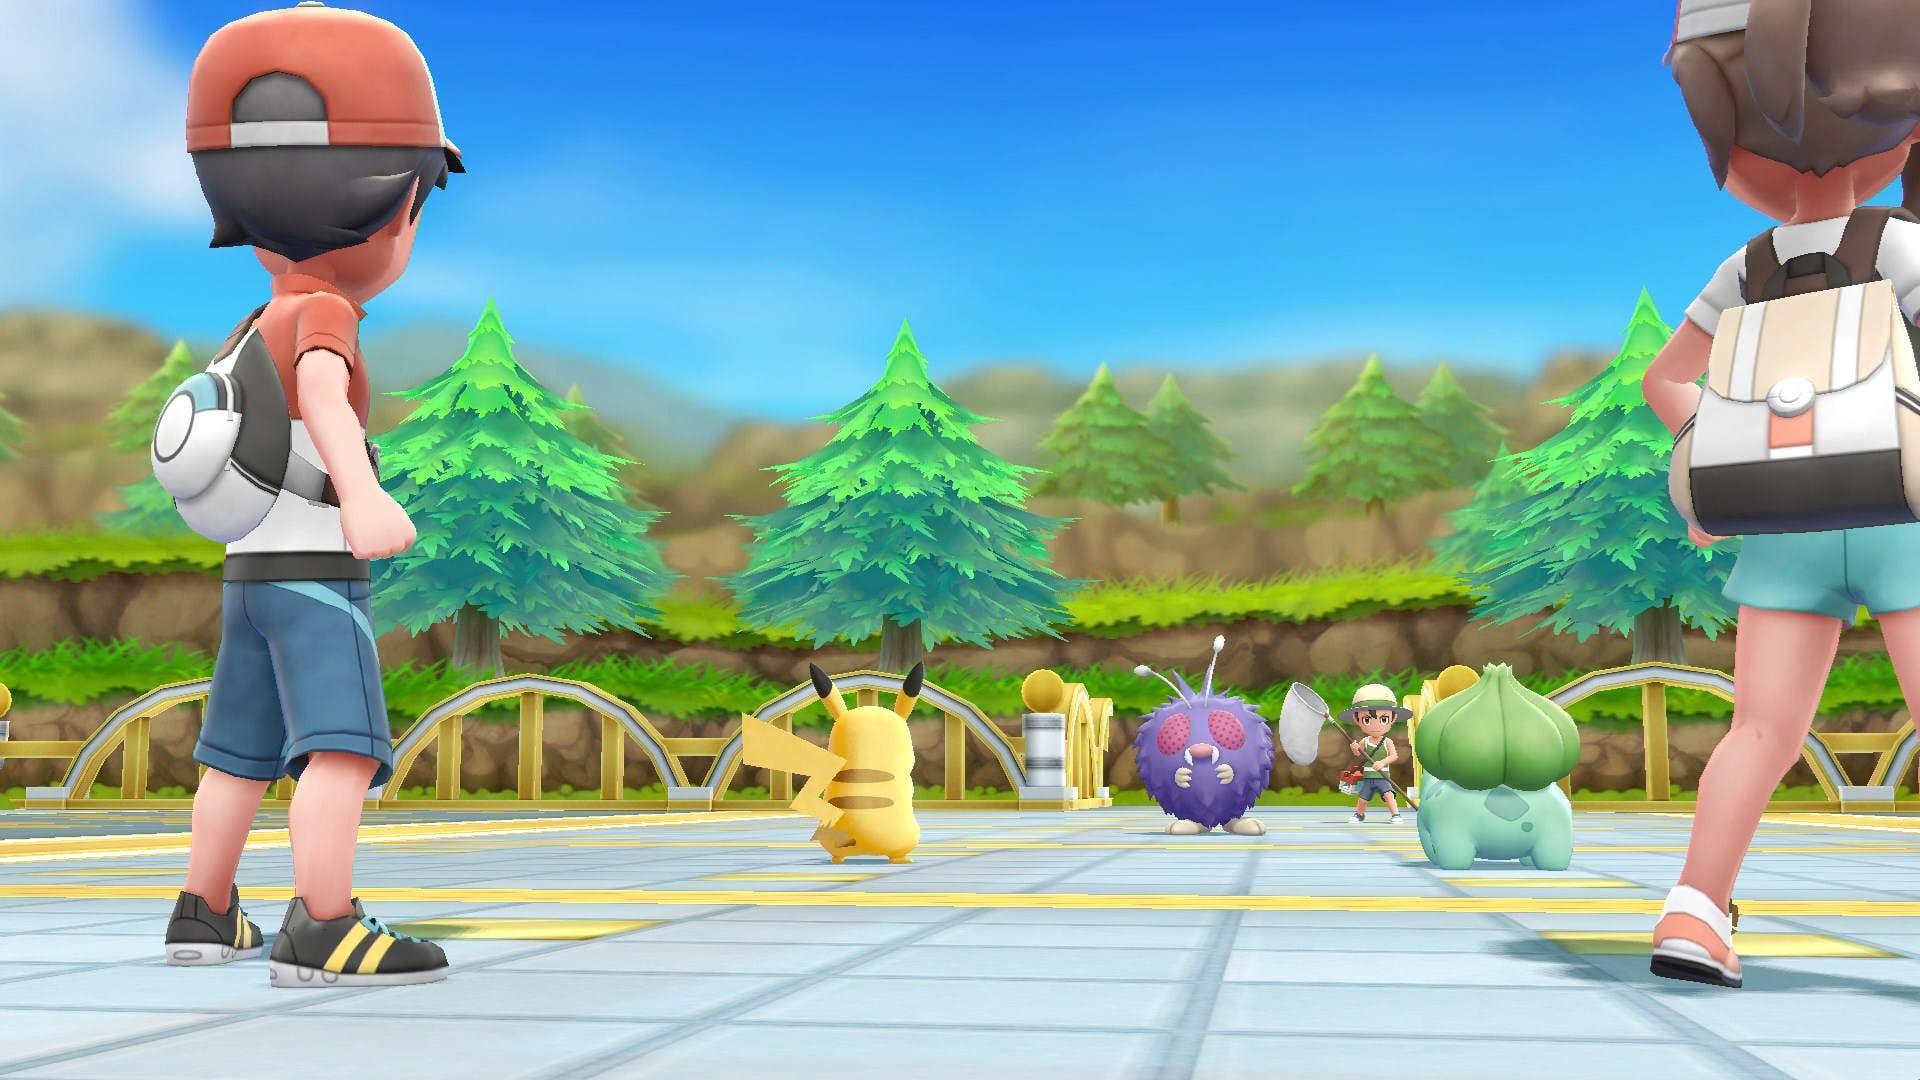 Imagen de Pokémon Let's Go Pikachu y Eevee muestra cómo será su steelbook